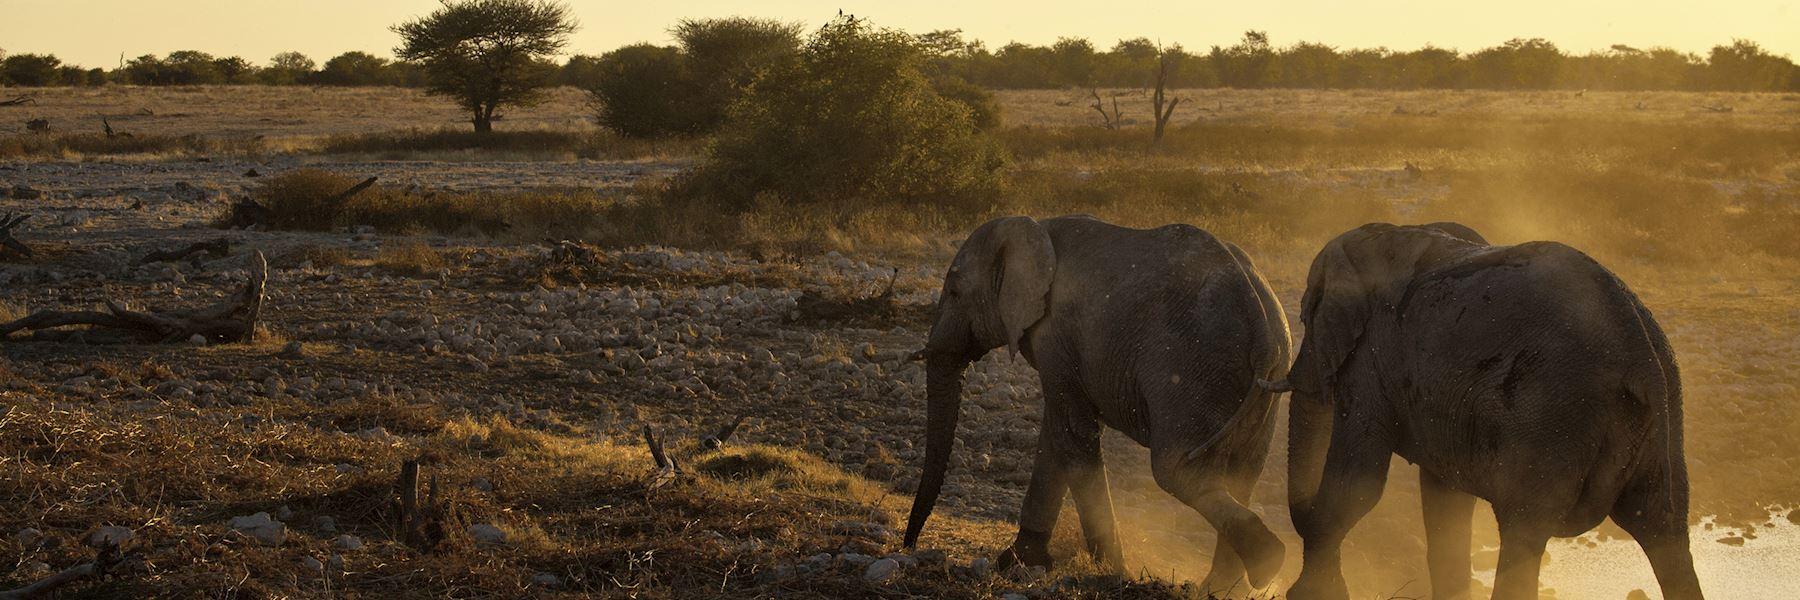 Zambia safaris & holidays